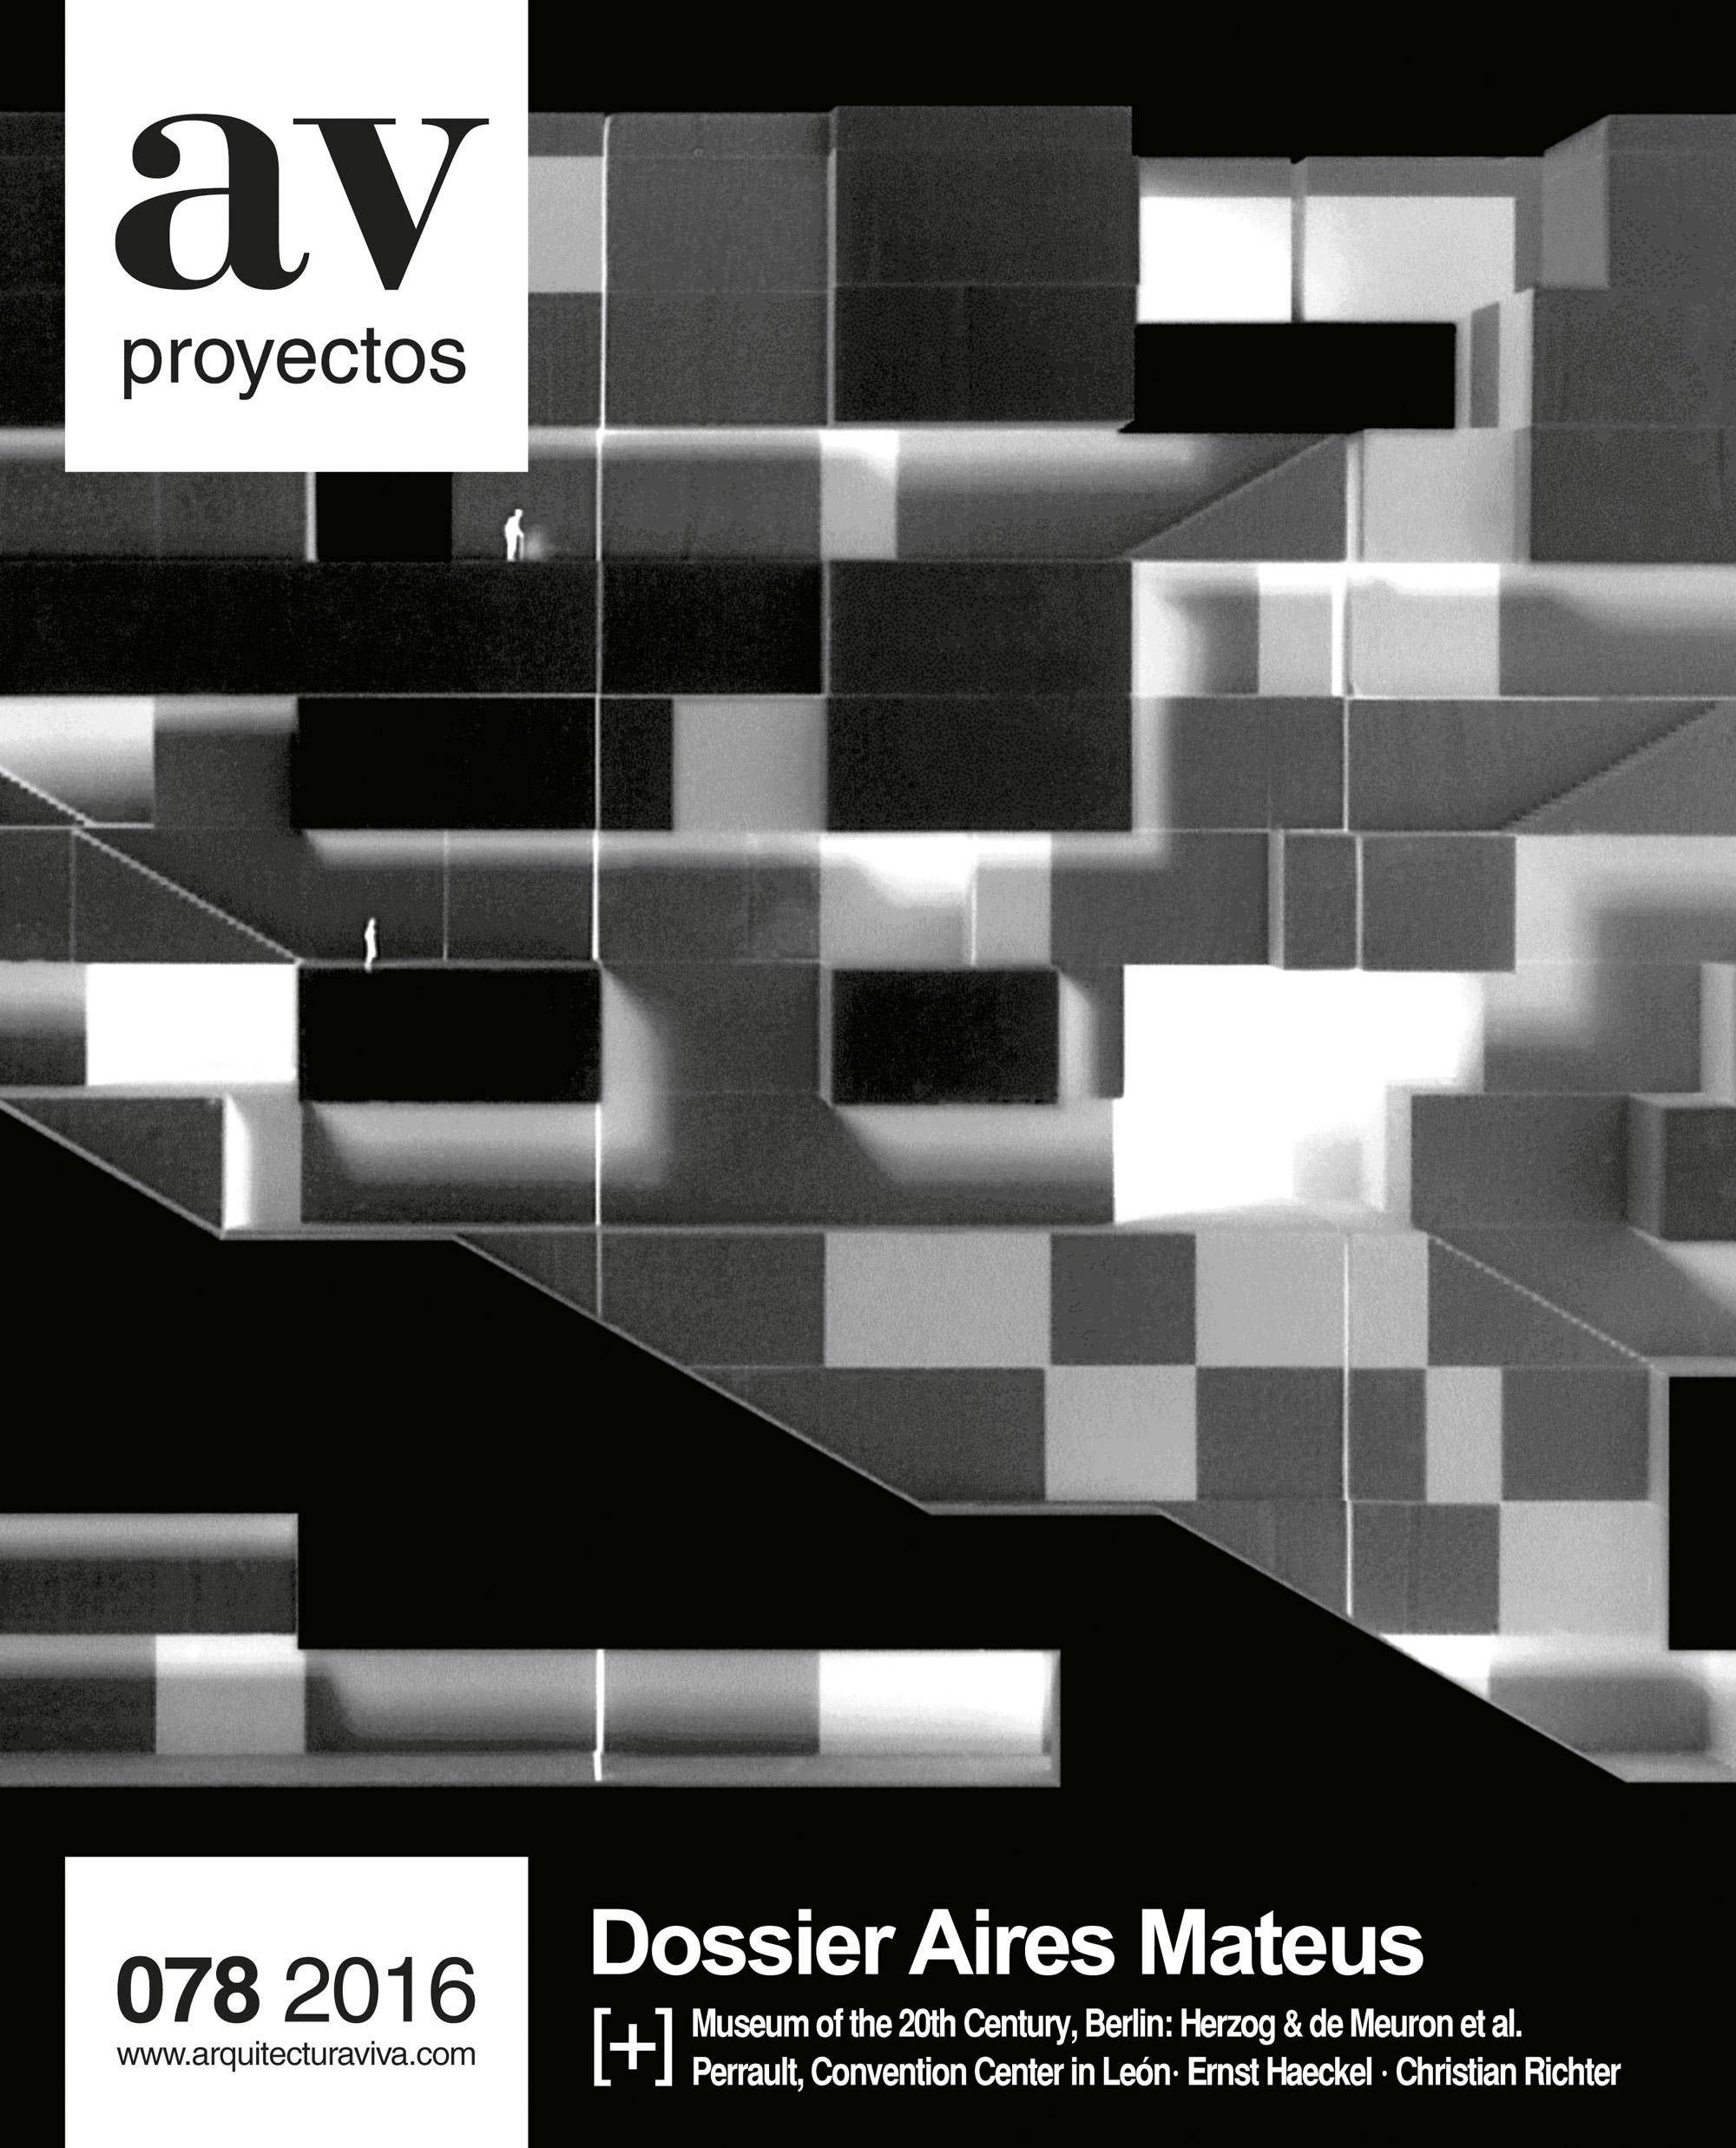 Dossier Aires Mateus